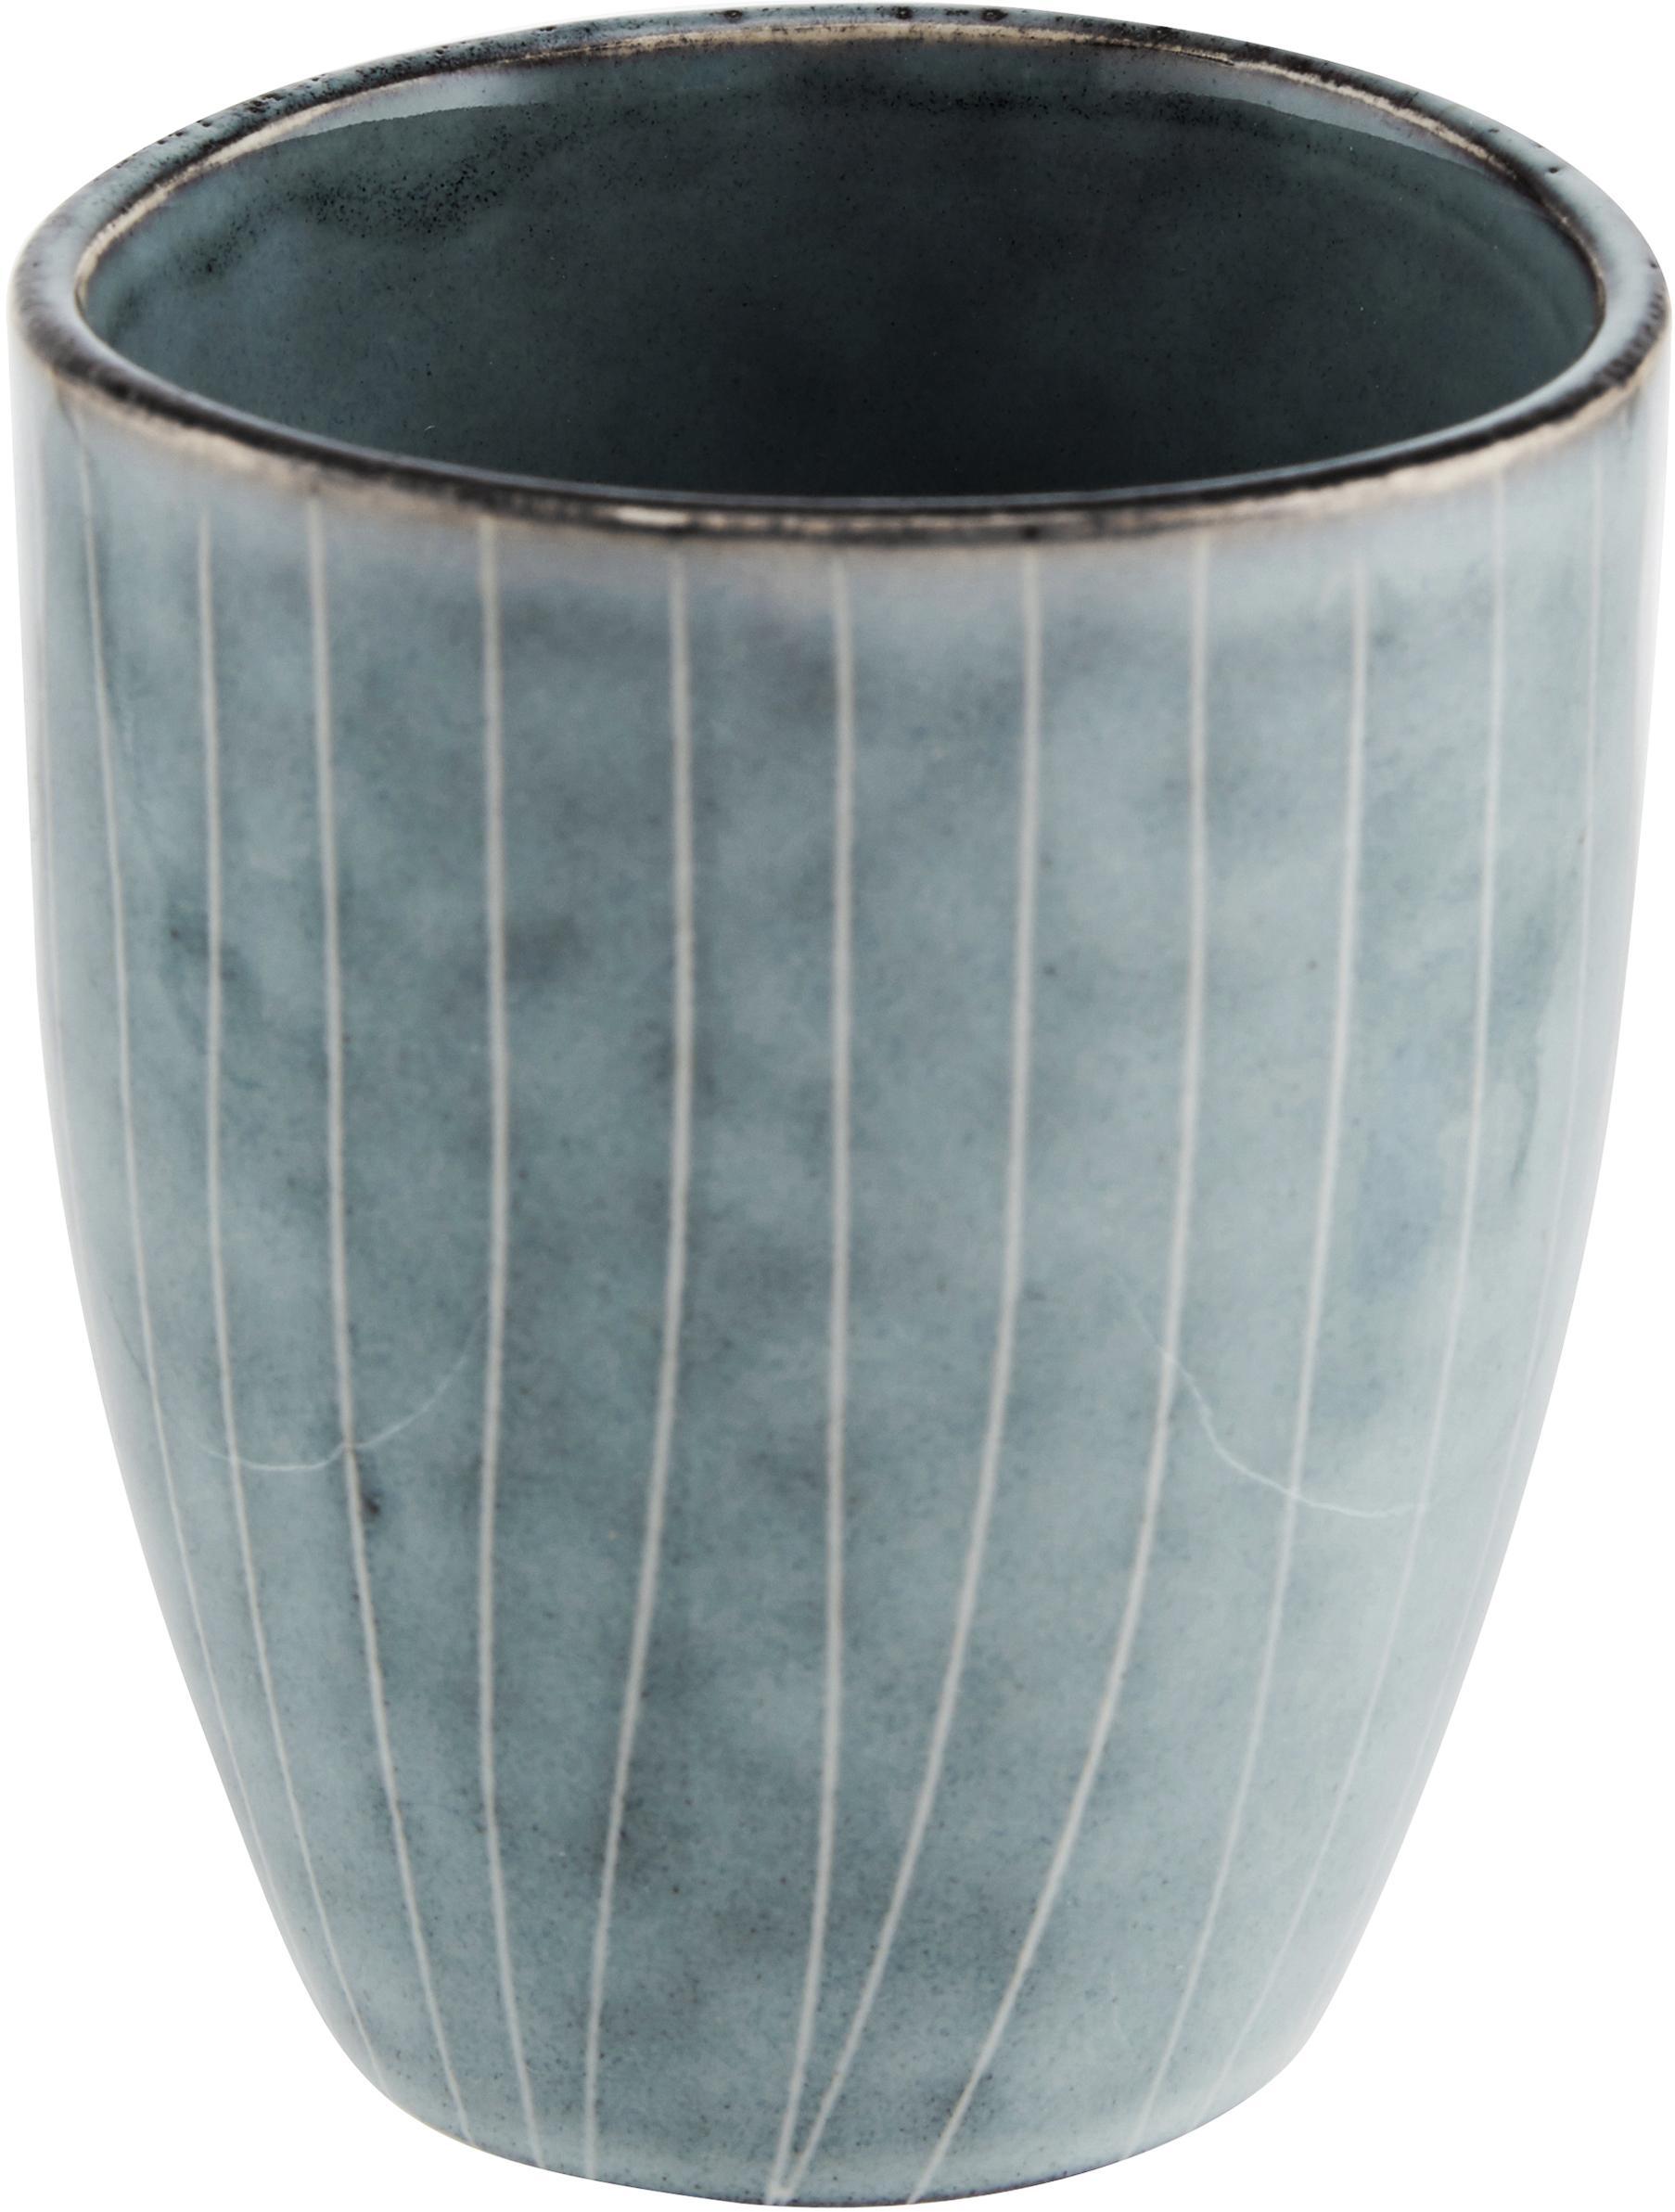 Tazza da caffè fatta a mano Nordic Sea 6 pz, Terracotta, Grigio e tonalità blu, Ø 7 x Alt. 8 cm